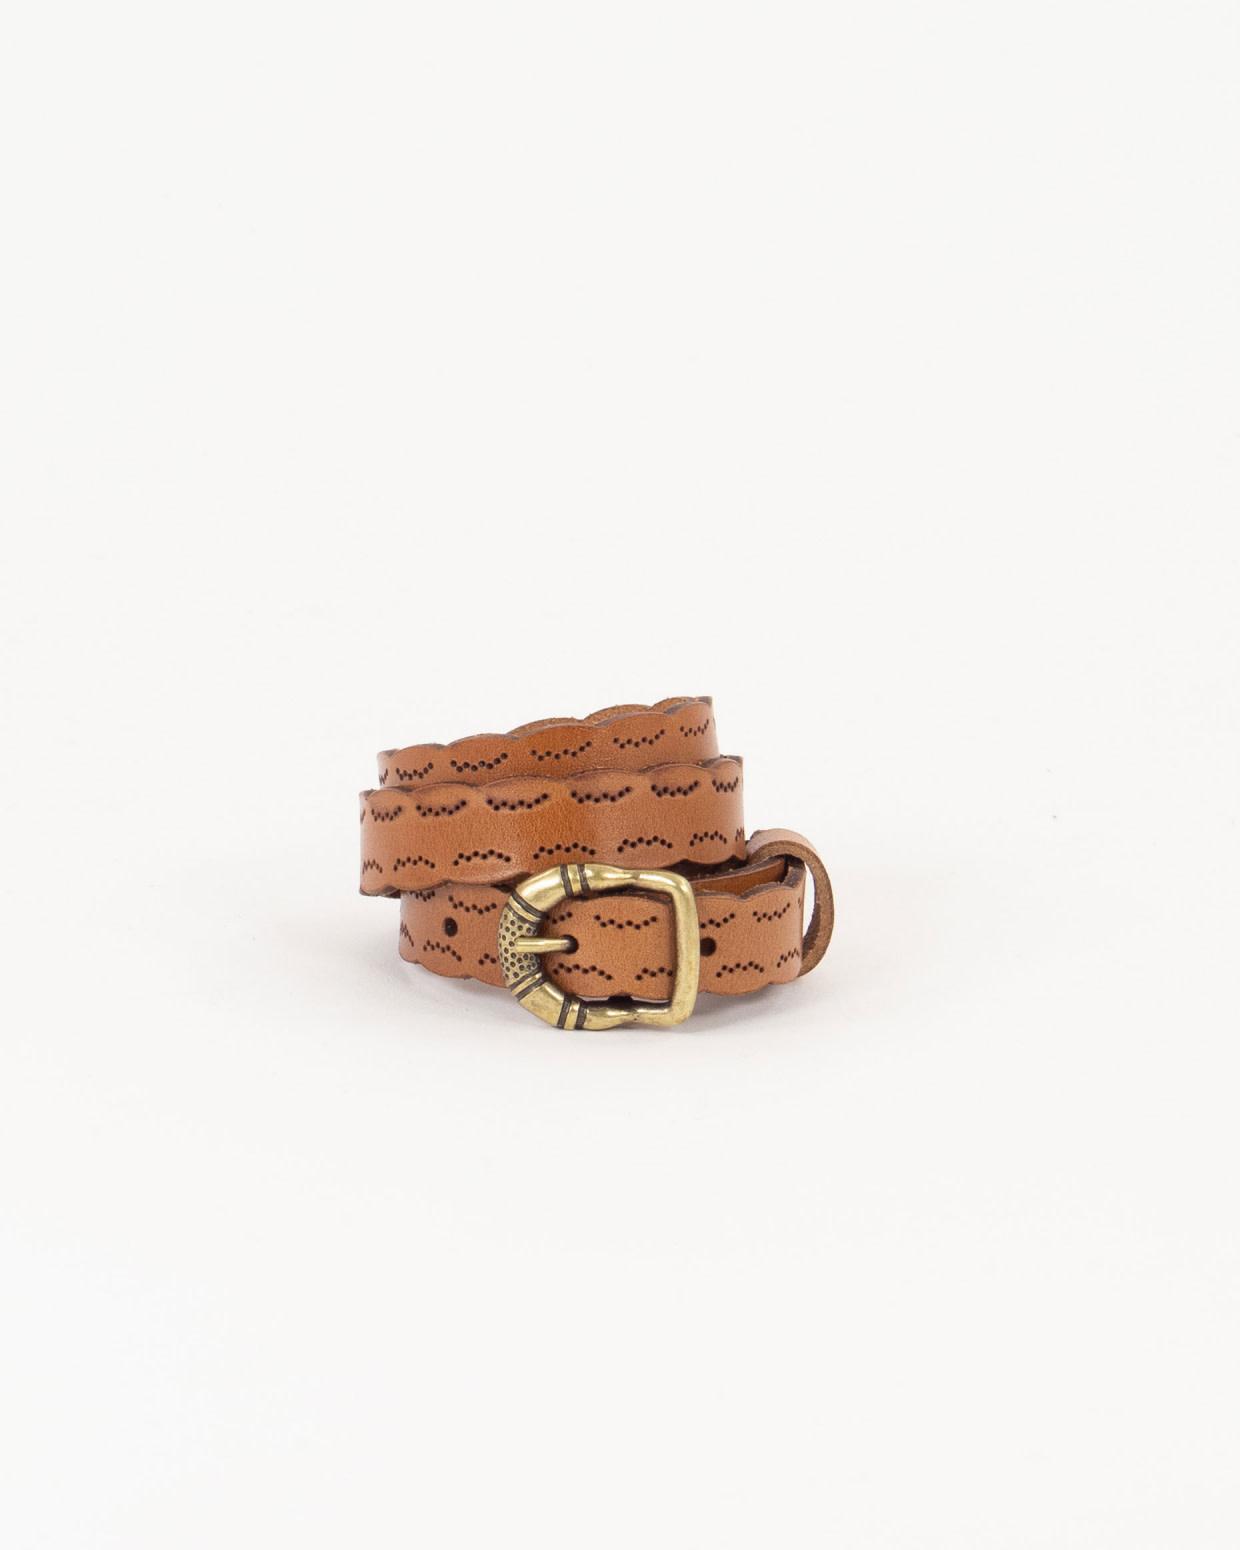 Chummi belt-1